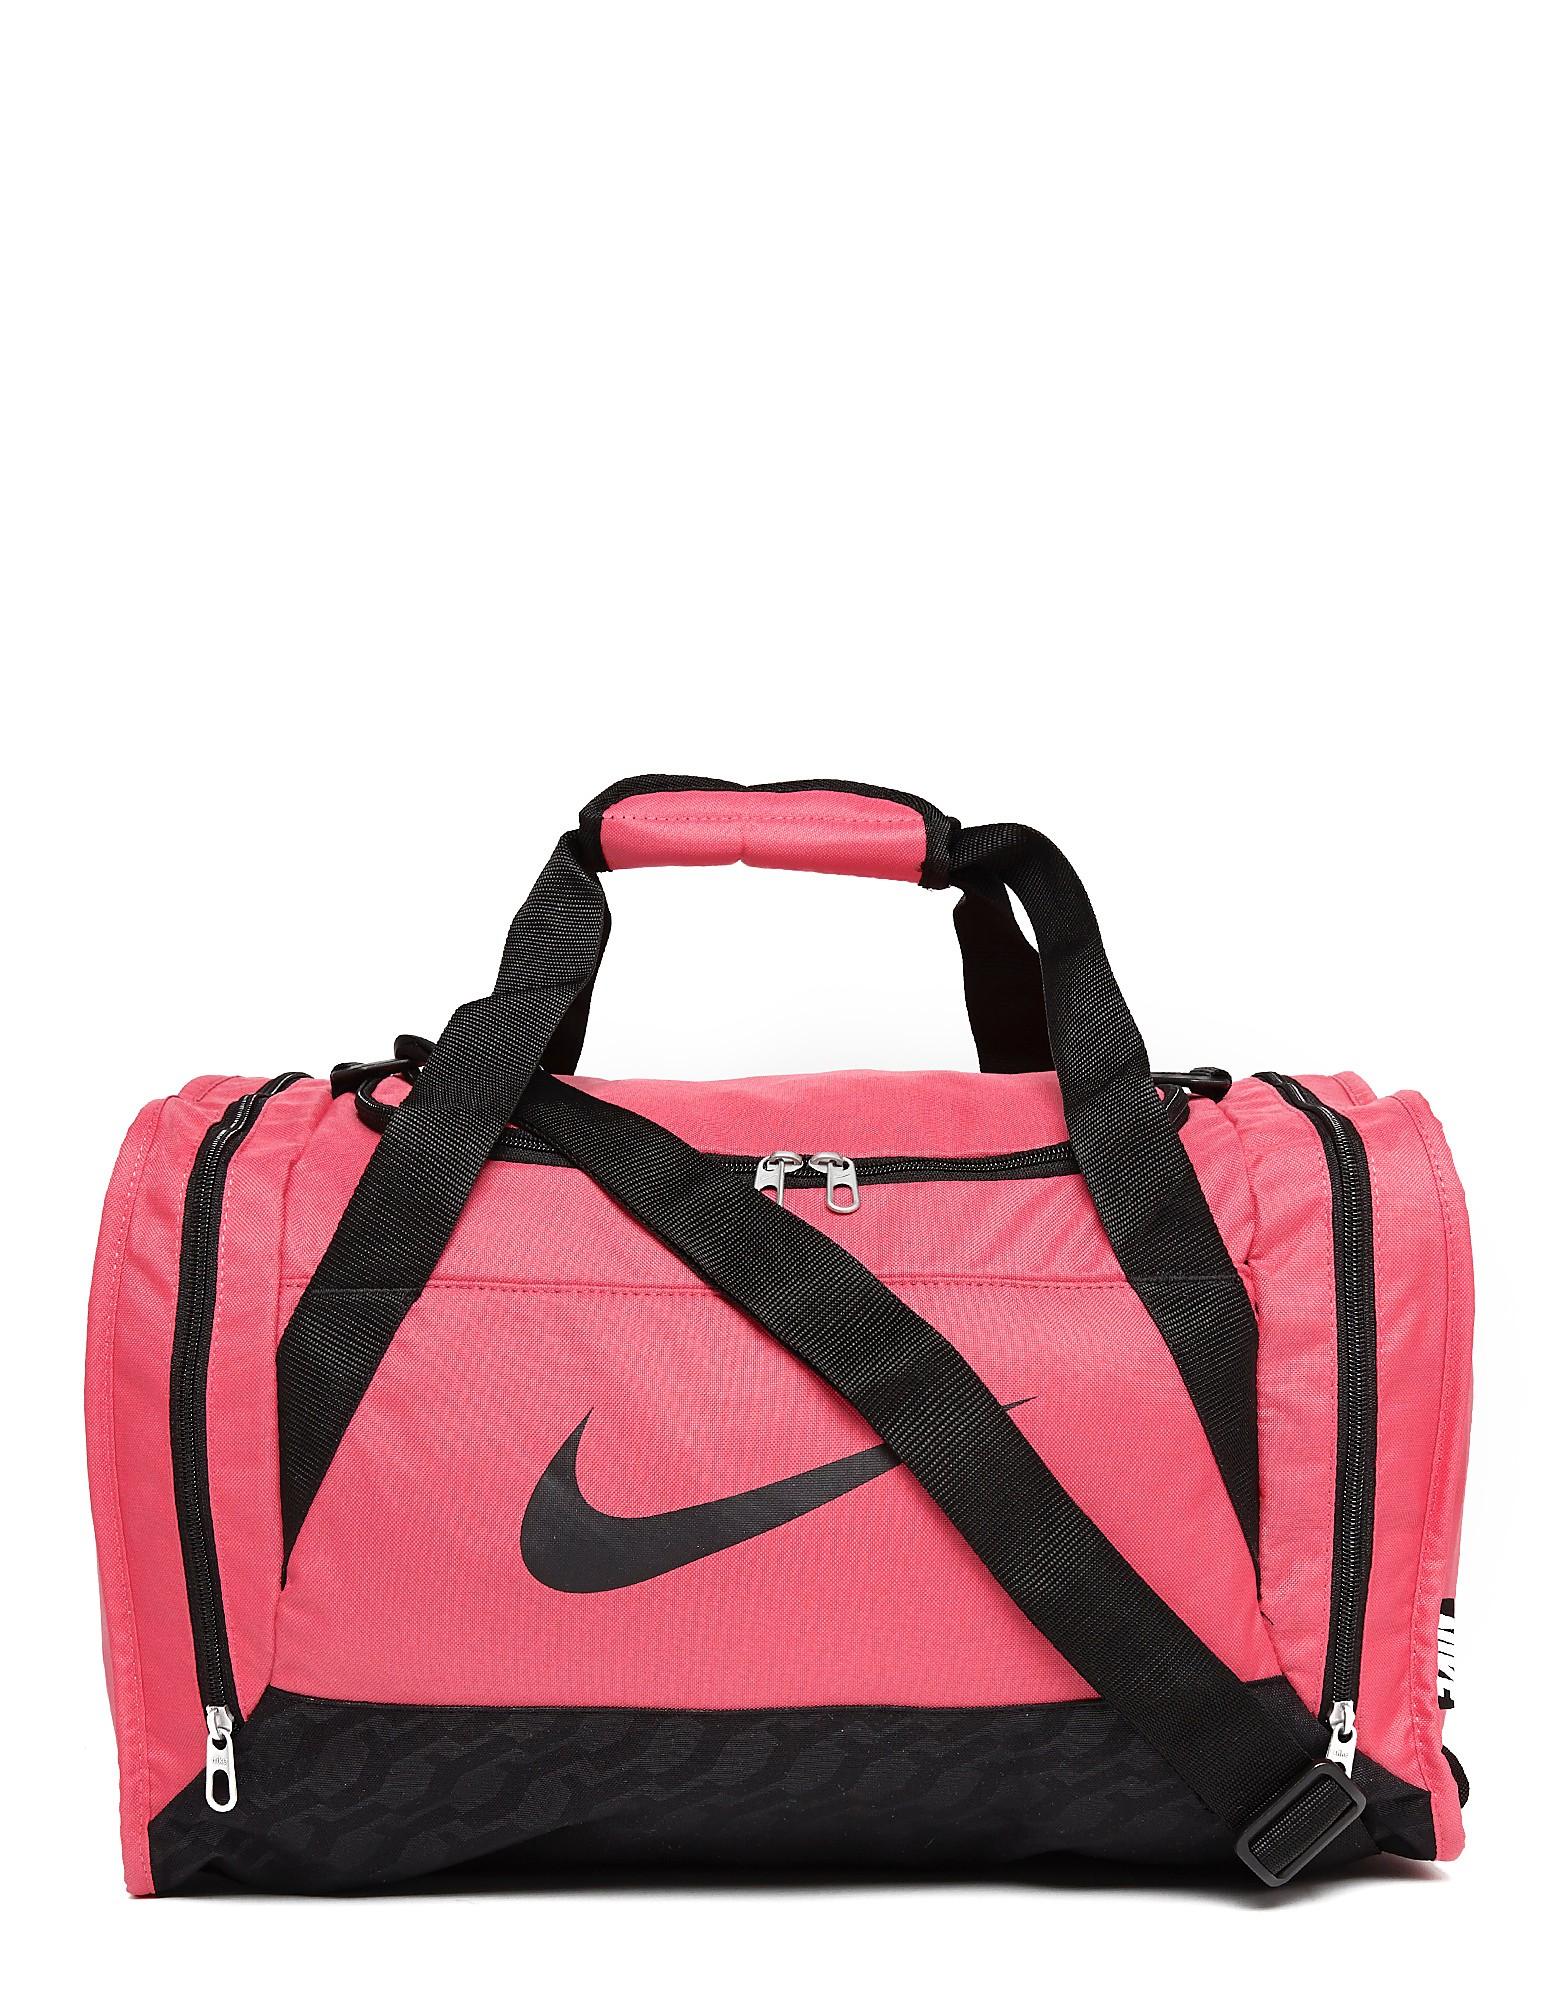 3501f57d2e84 Nike duffel bag price comparison results